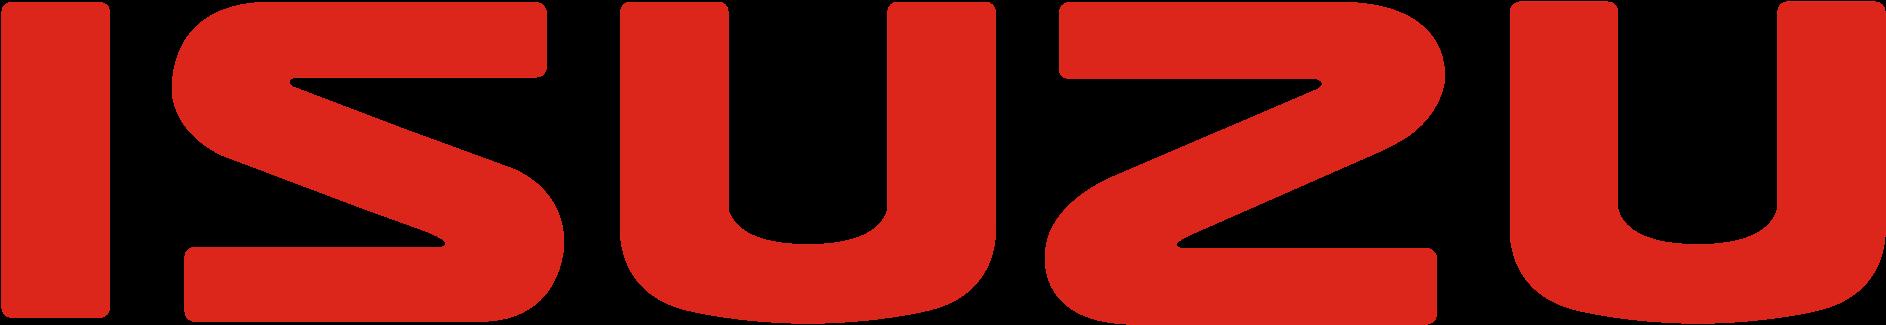 Isuzu Logo.